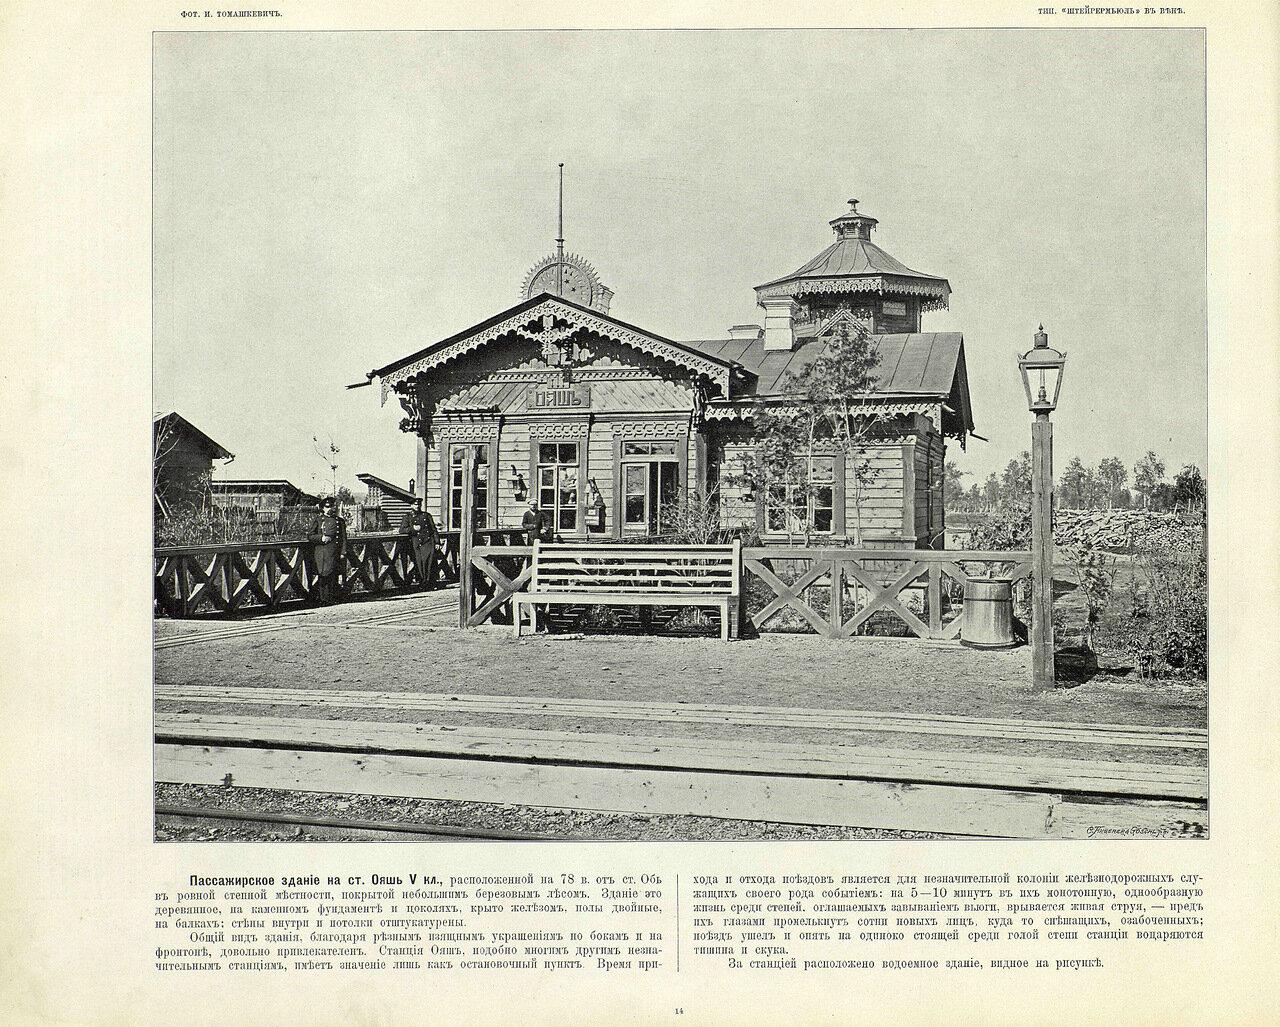 14. Пассажирское здание на станции Ояш